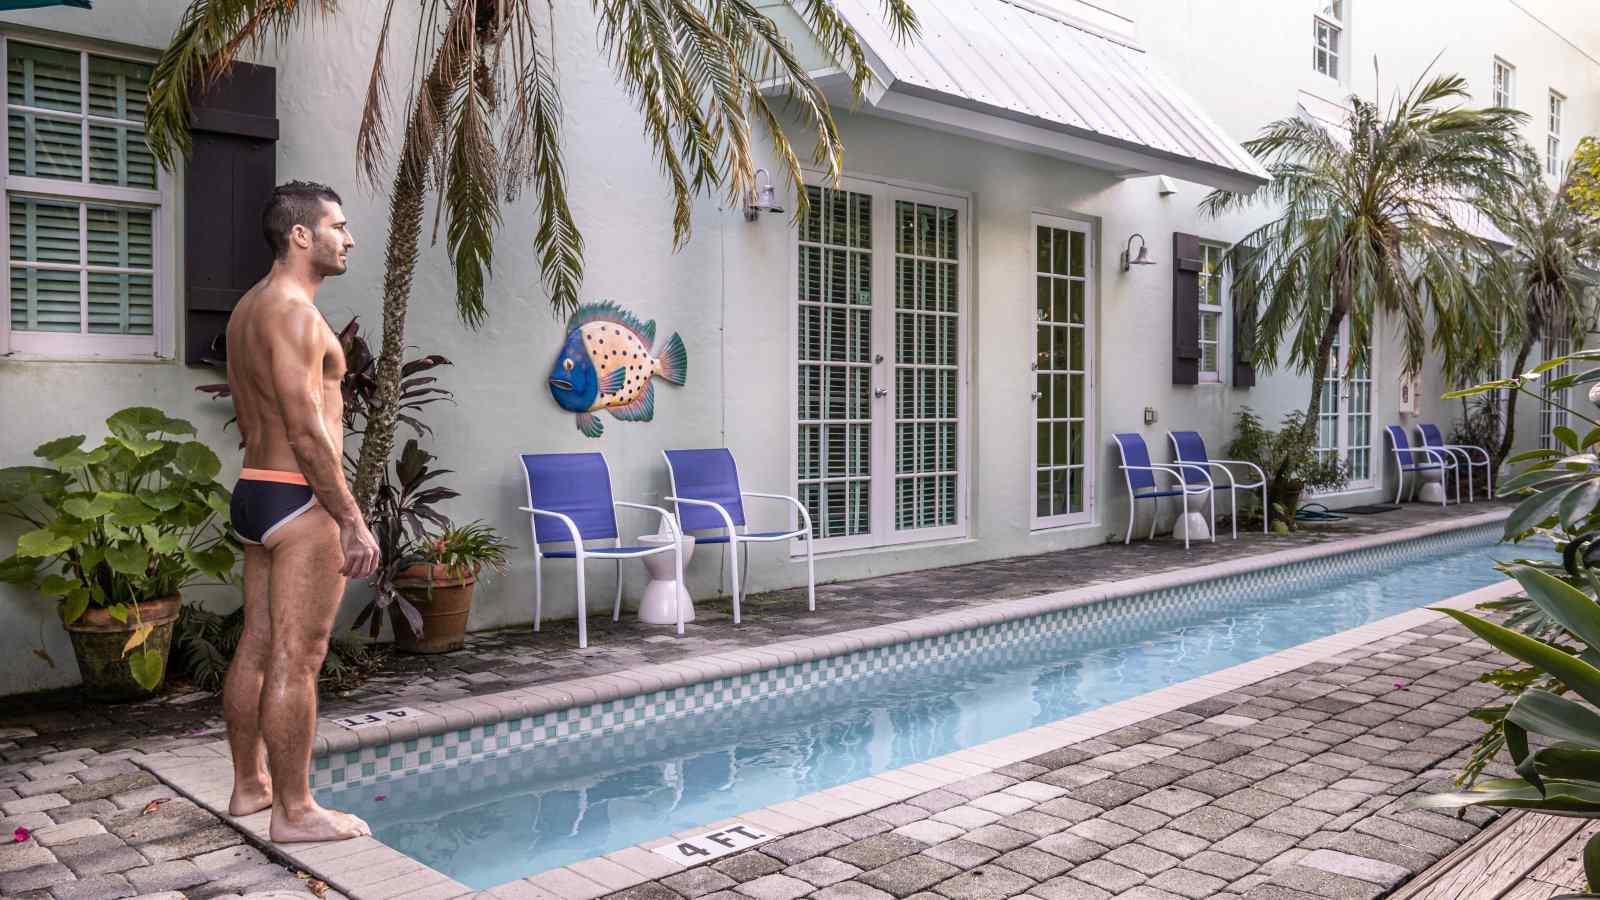 A Pineapple Point Guesthouse, em Fort Lauderdale, é uma opção luxuosa de roupas, opcional e somente para homens, de acomodação gay